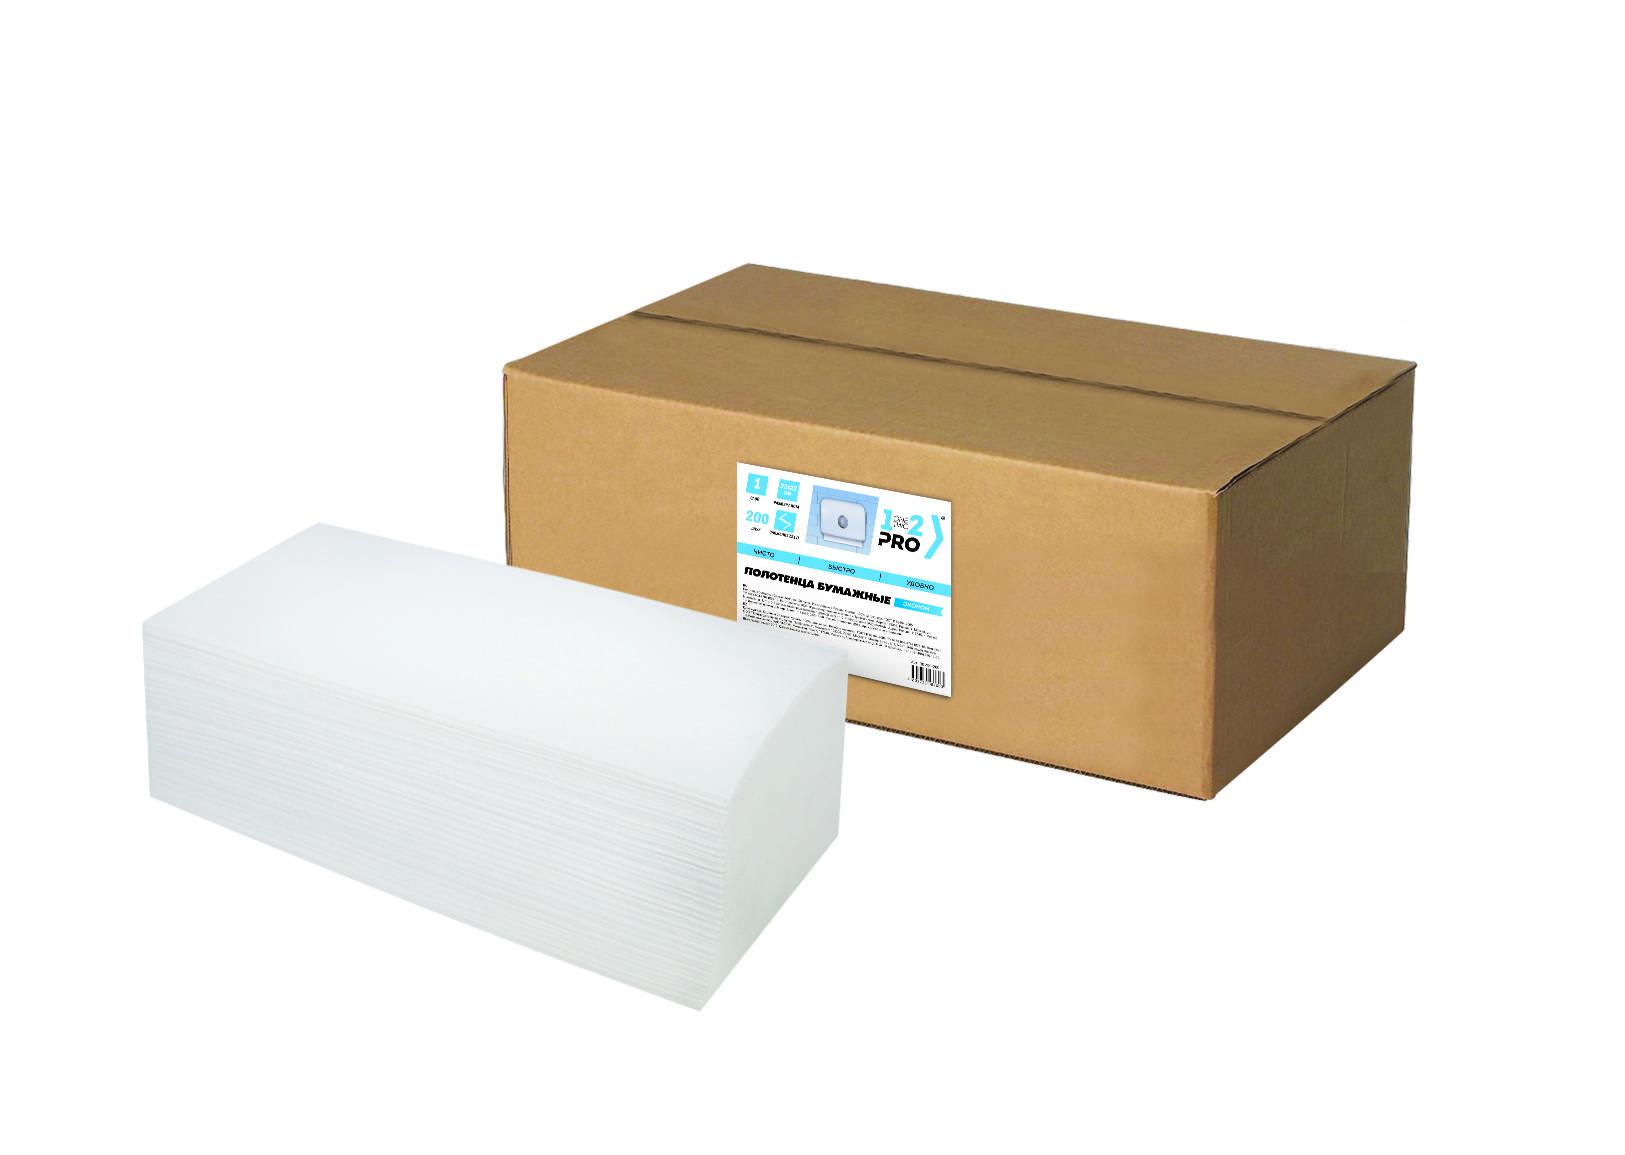 Полотенце бумажное 1-слойное 1-2-Pro Z-сложение 22×24см 200 листов, 33г/м2, белое